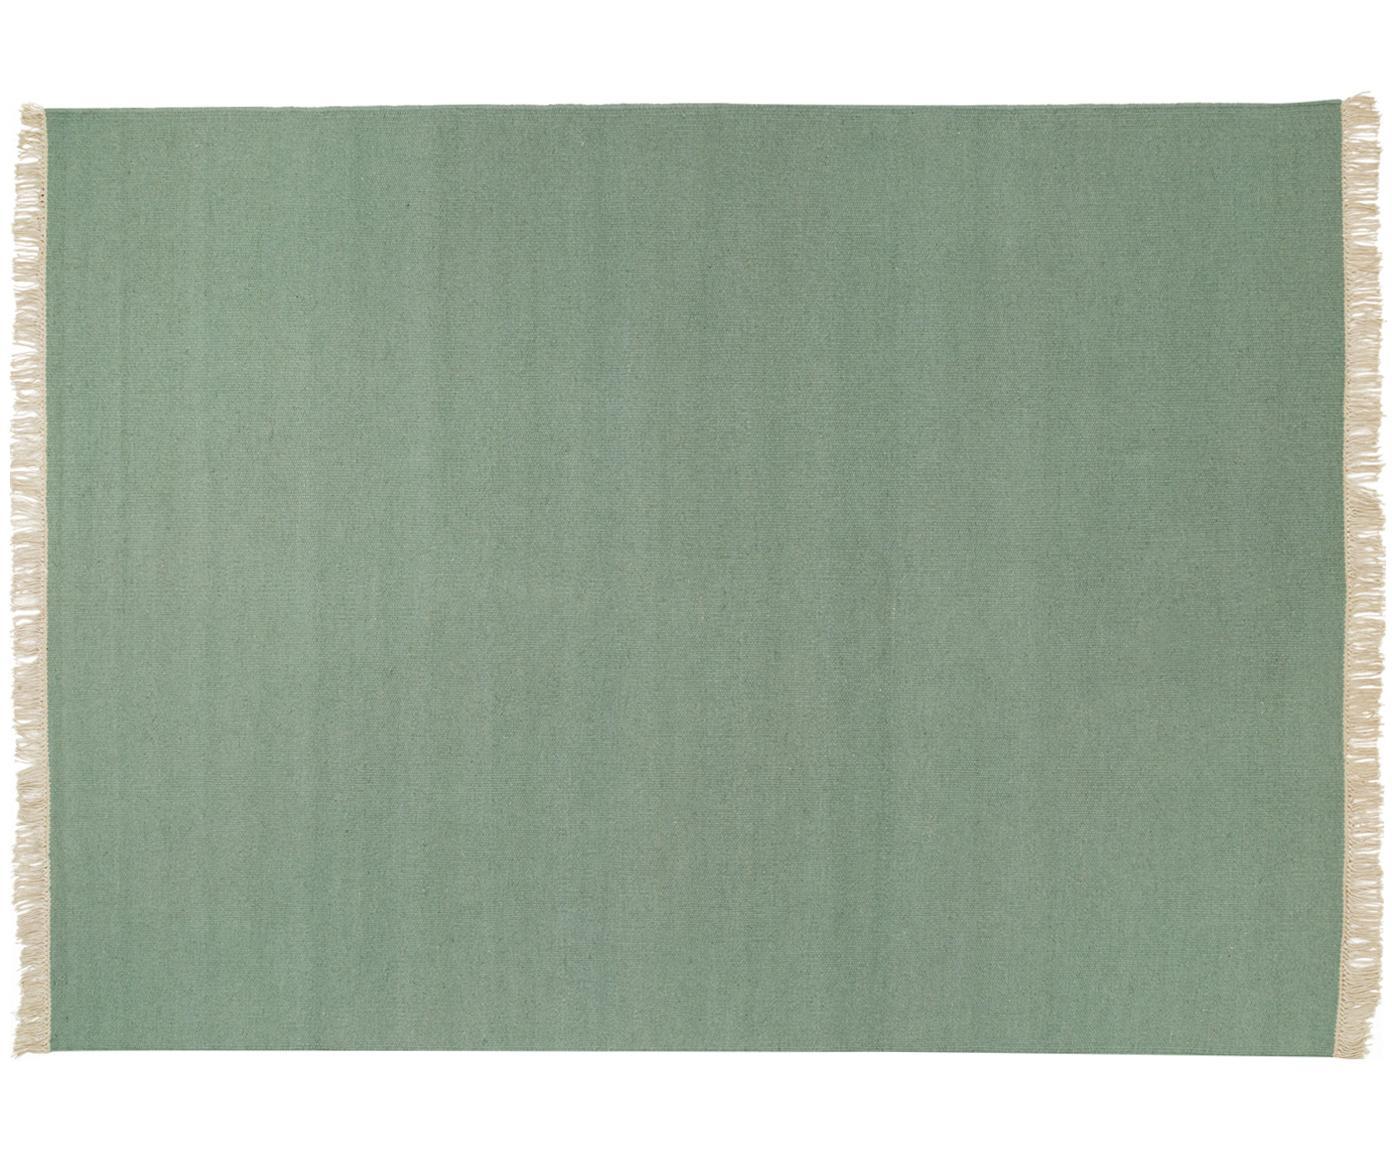 Handgeweven wollen vloerkleed Rainbow in groen met franjes, Bovenzijde: wol, Onderzijde: katoen, Pistachegroen, B 140 x L 200 cm (maat S)